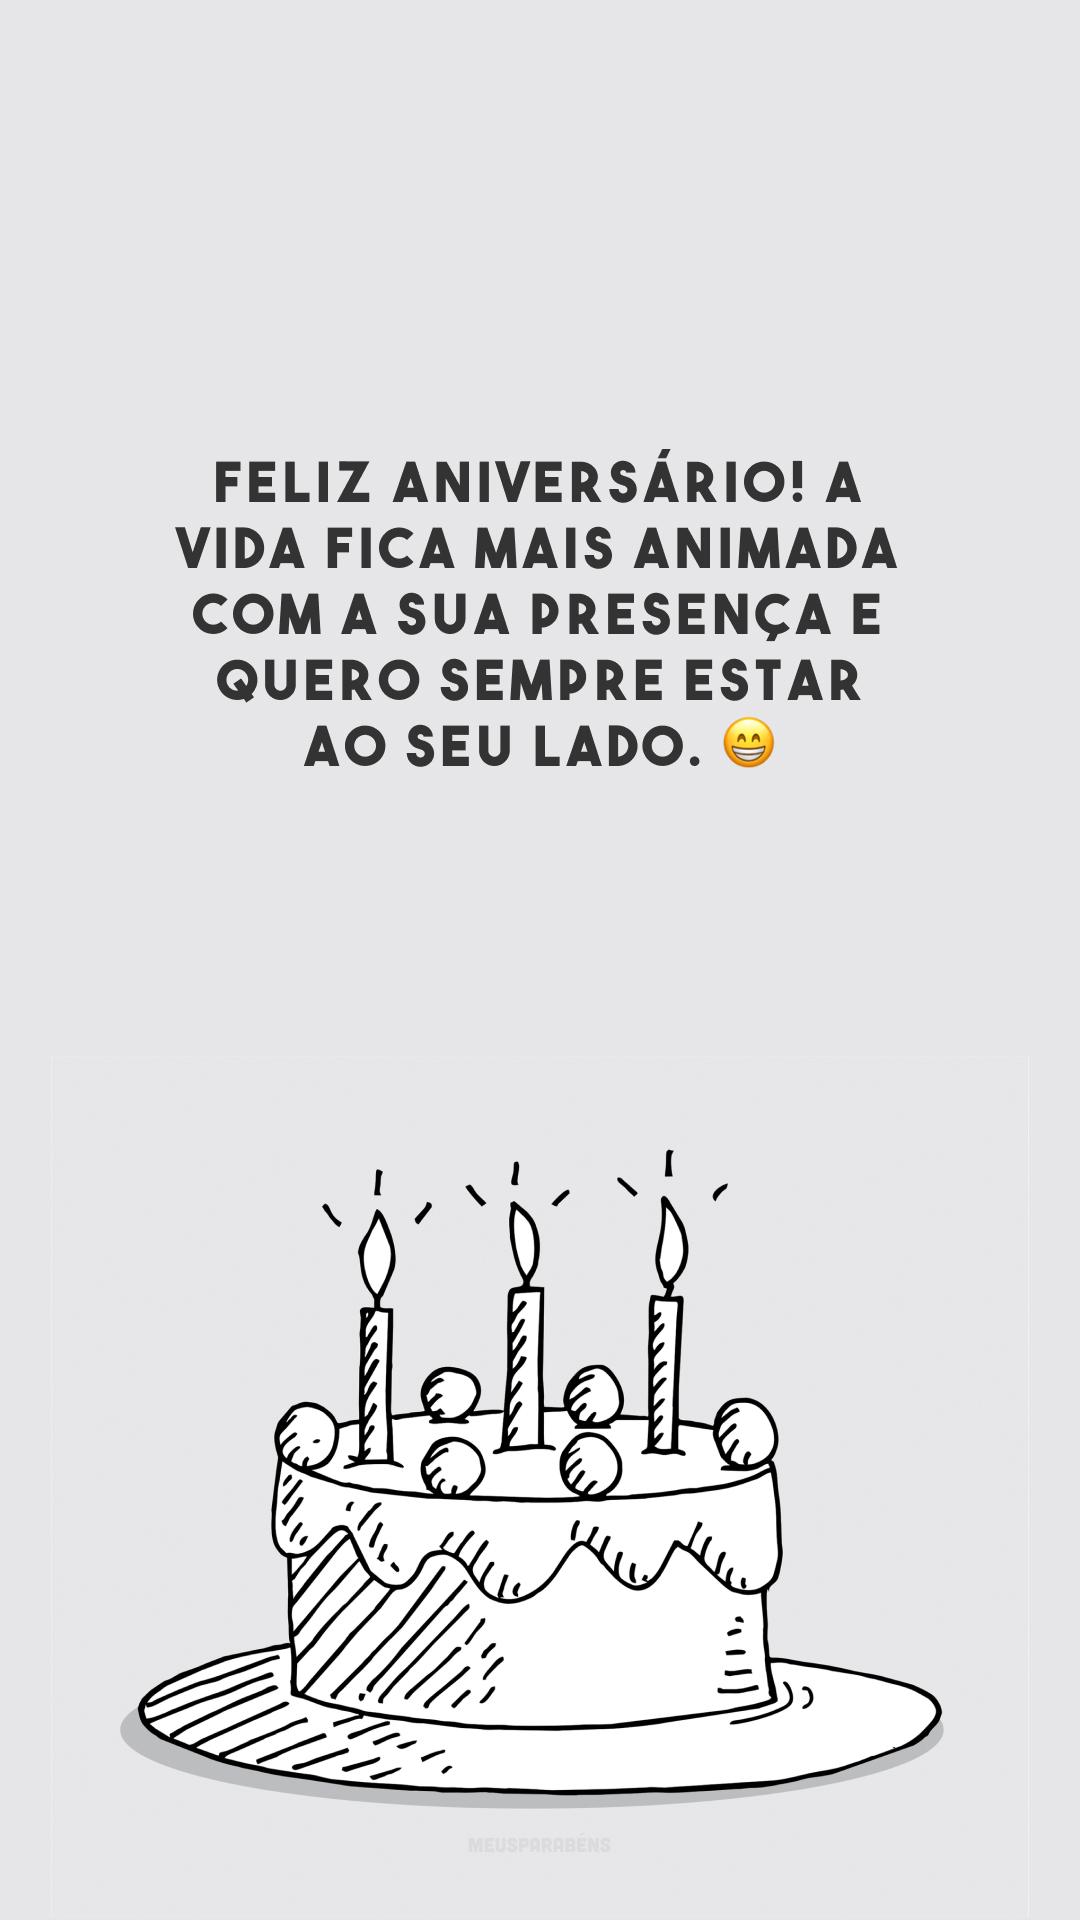 Feliz aniversário! A vida fica mais animada com a sua presença e quero sempre estar ao seu lado. 😁